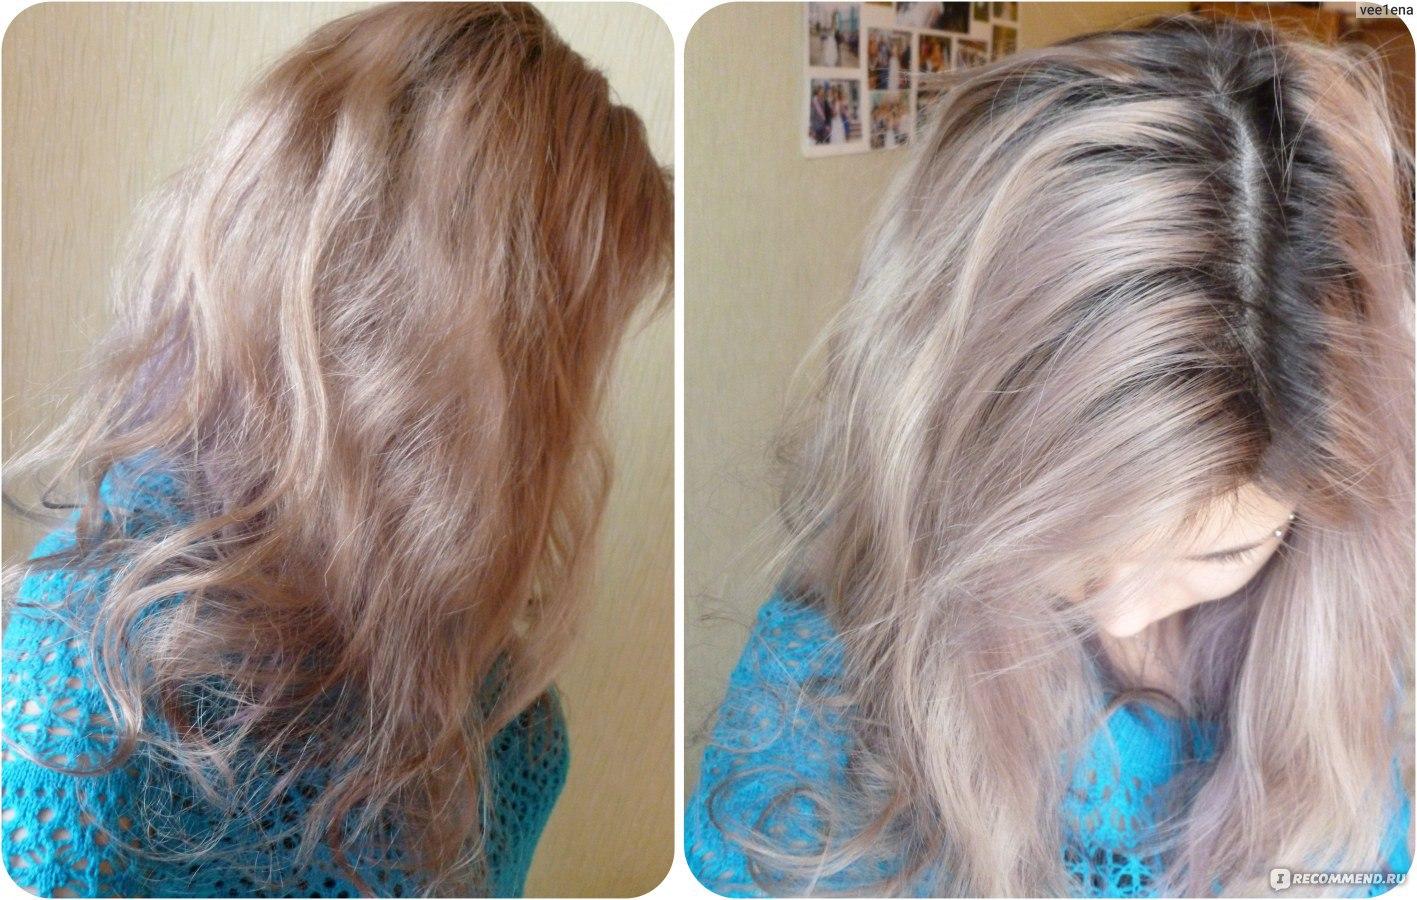 Как осветлить волосы в домашних условиях, без вреда 17